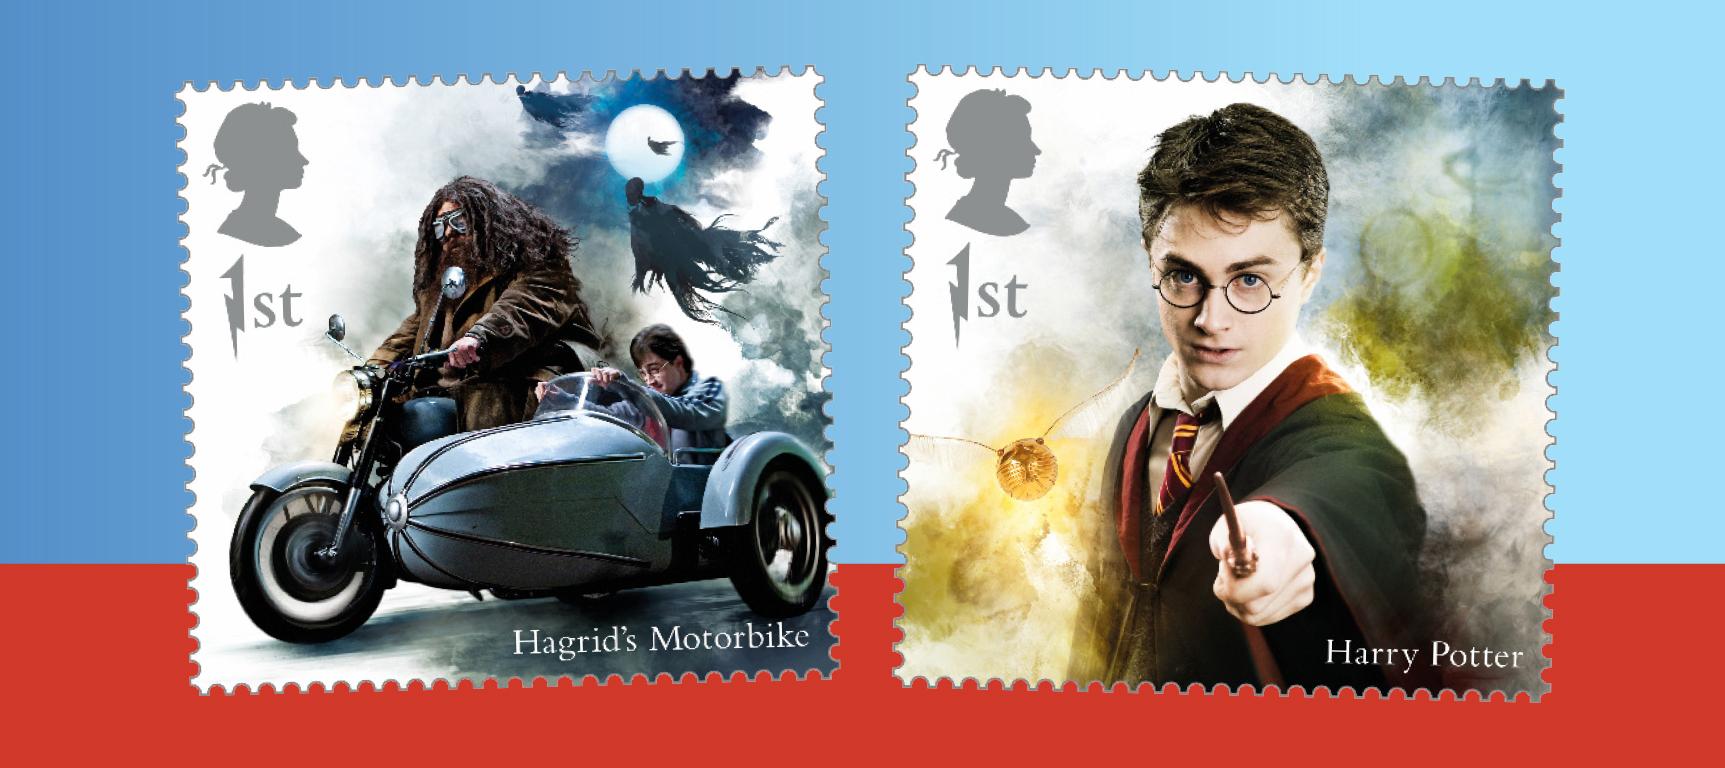 Harry Potter Special Stamp Sets